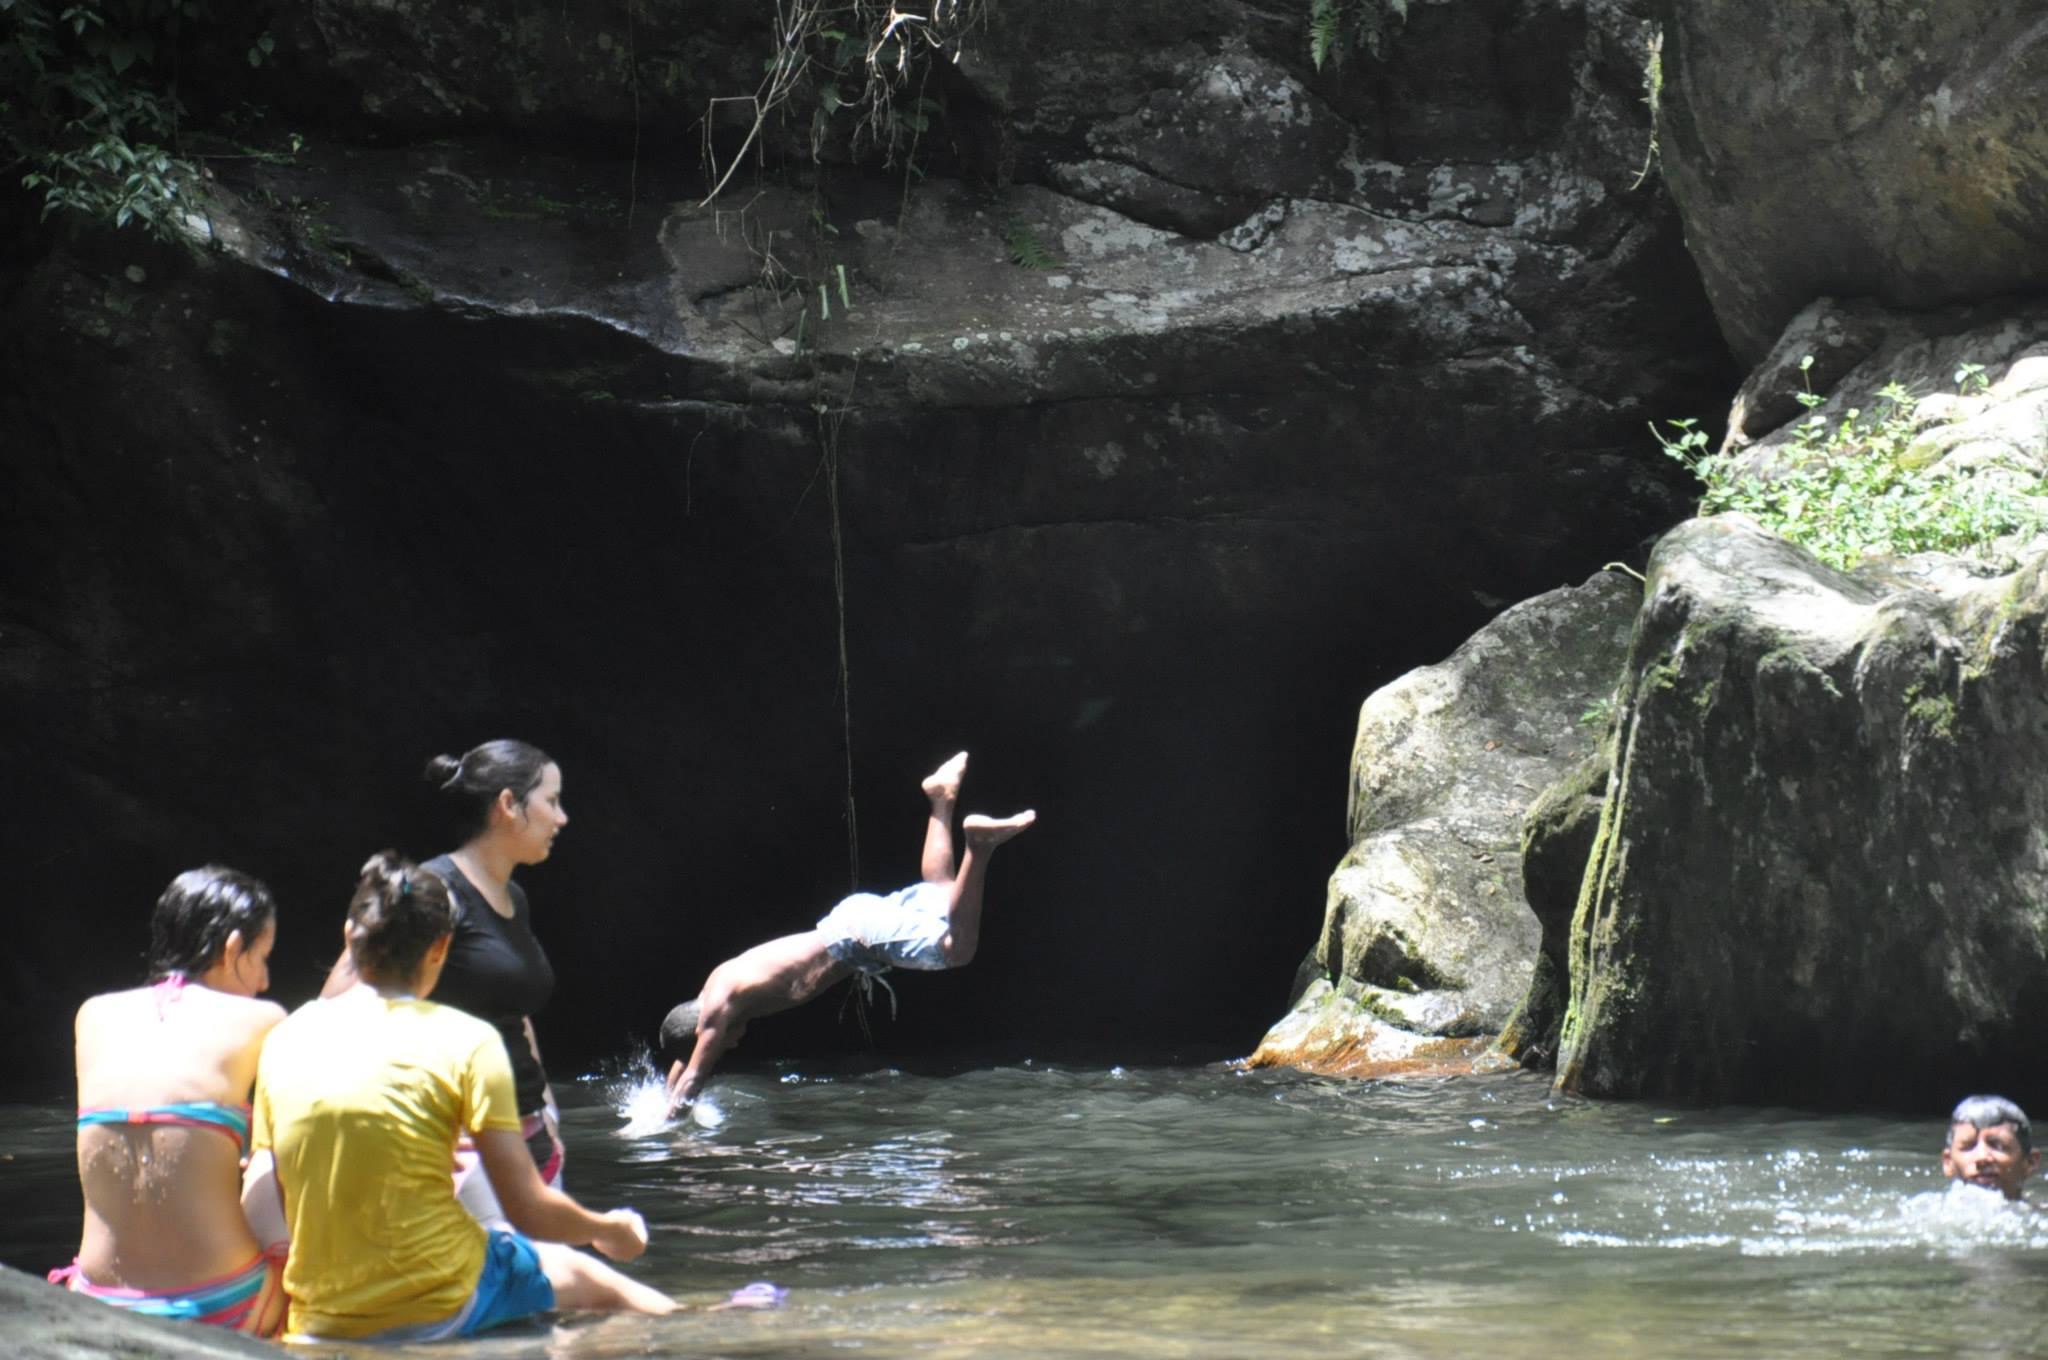 Río Borburata - Río Borburata